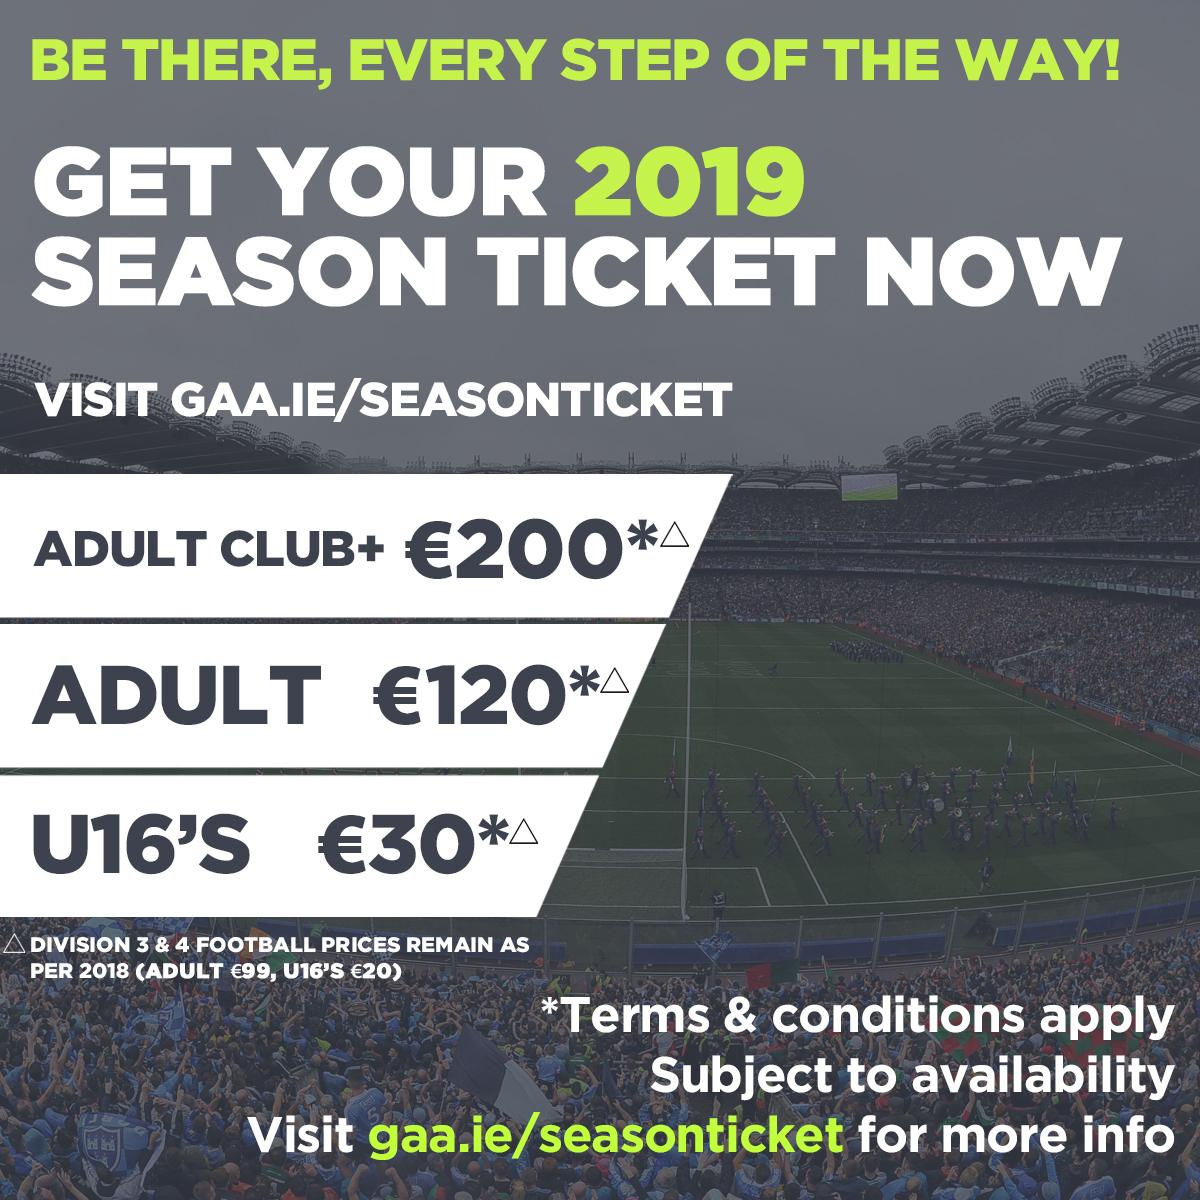 2019 Season ticket